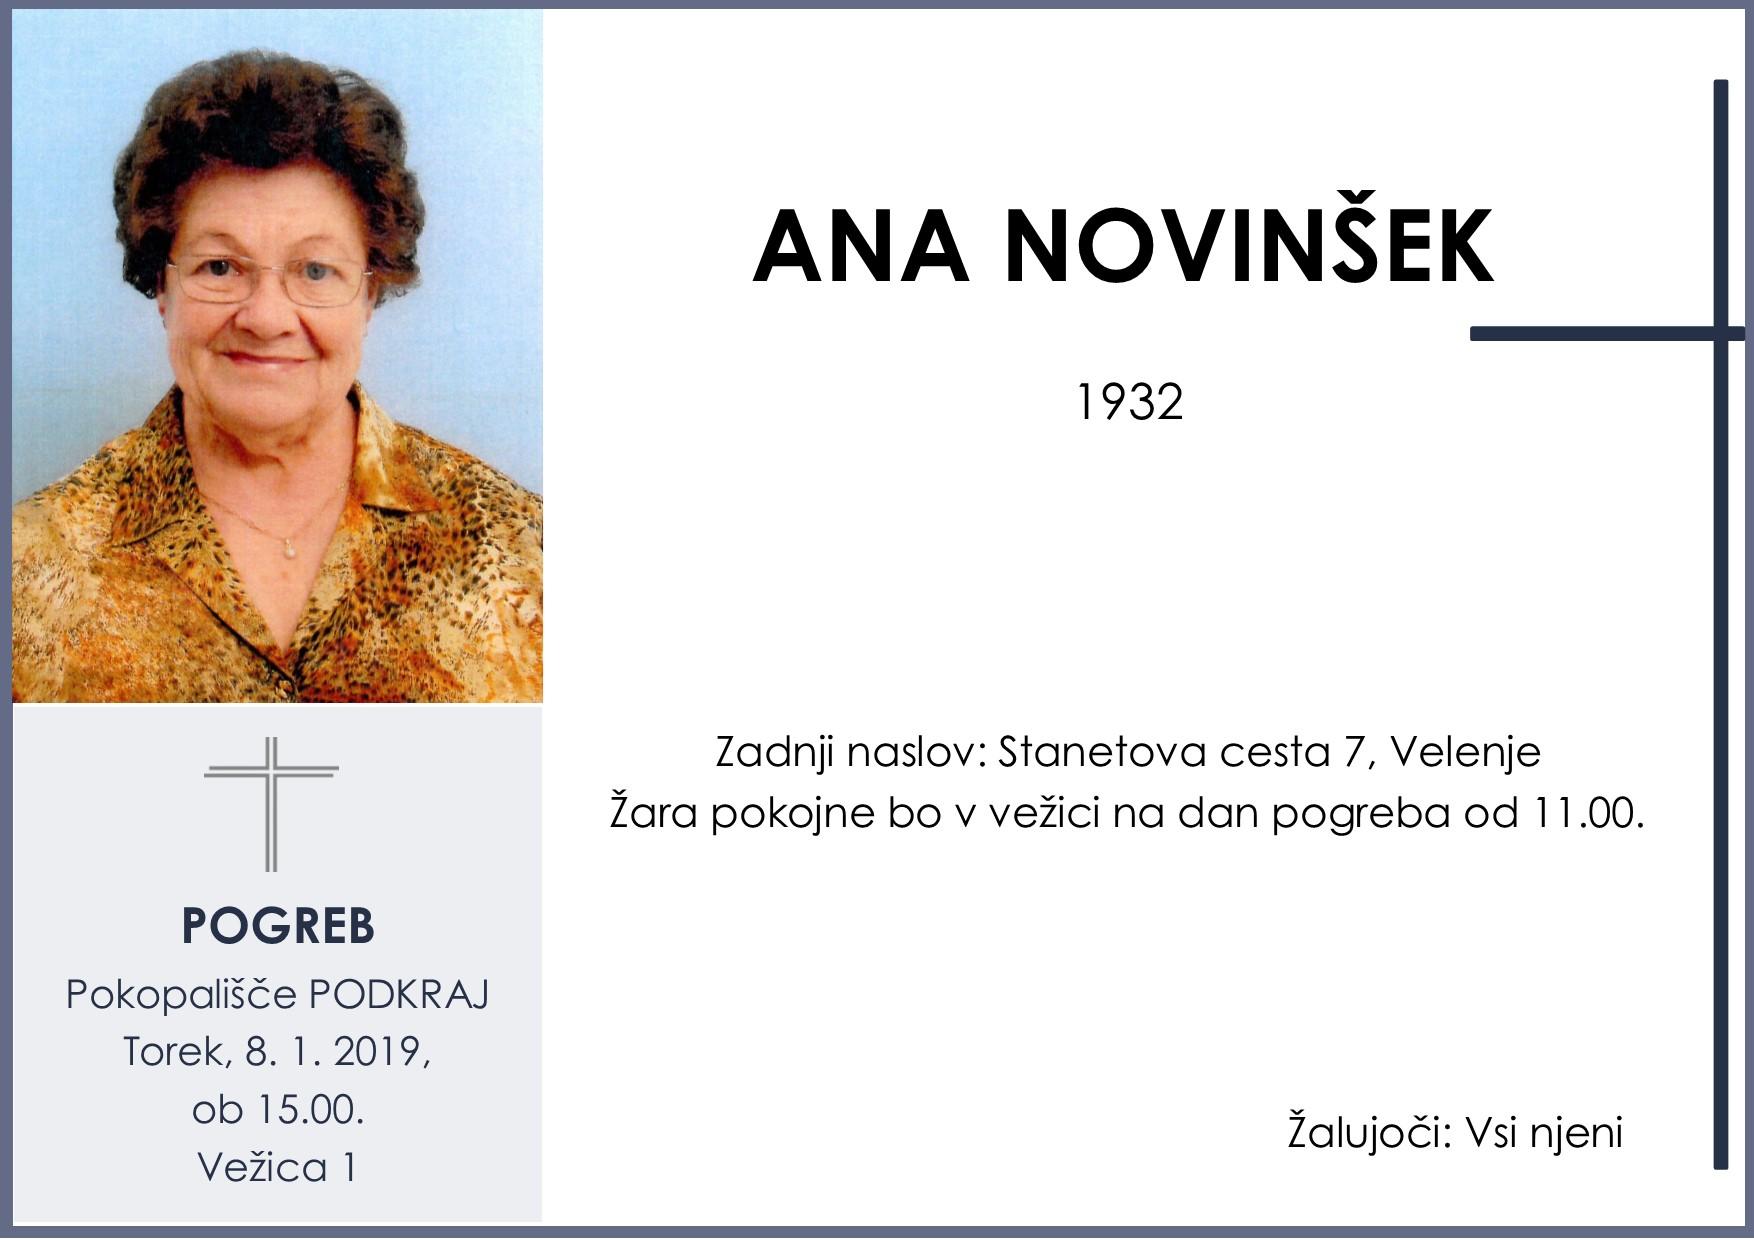 ANA NOVINŠEK, Podkraj, 08. 01. 2019